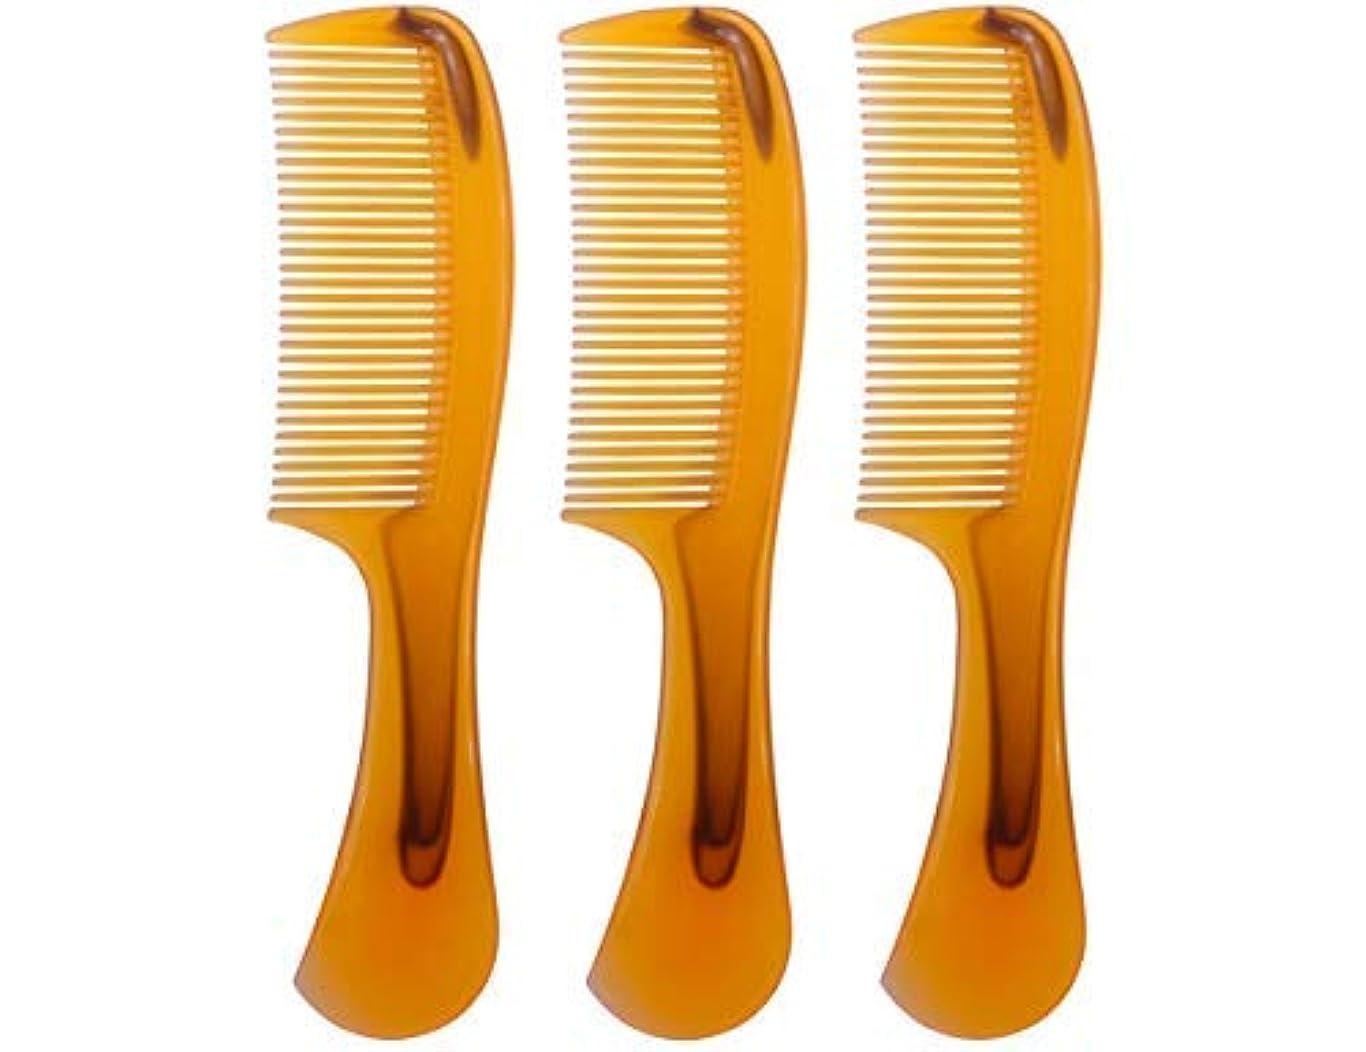 肥沃なあらゆる種類の用心するLBY 3pcs 16 cm Hair Comb Round Handle Comb Hair Care Comb Plastic Yellow [並行輸入品]